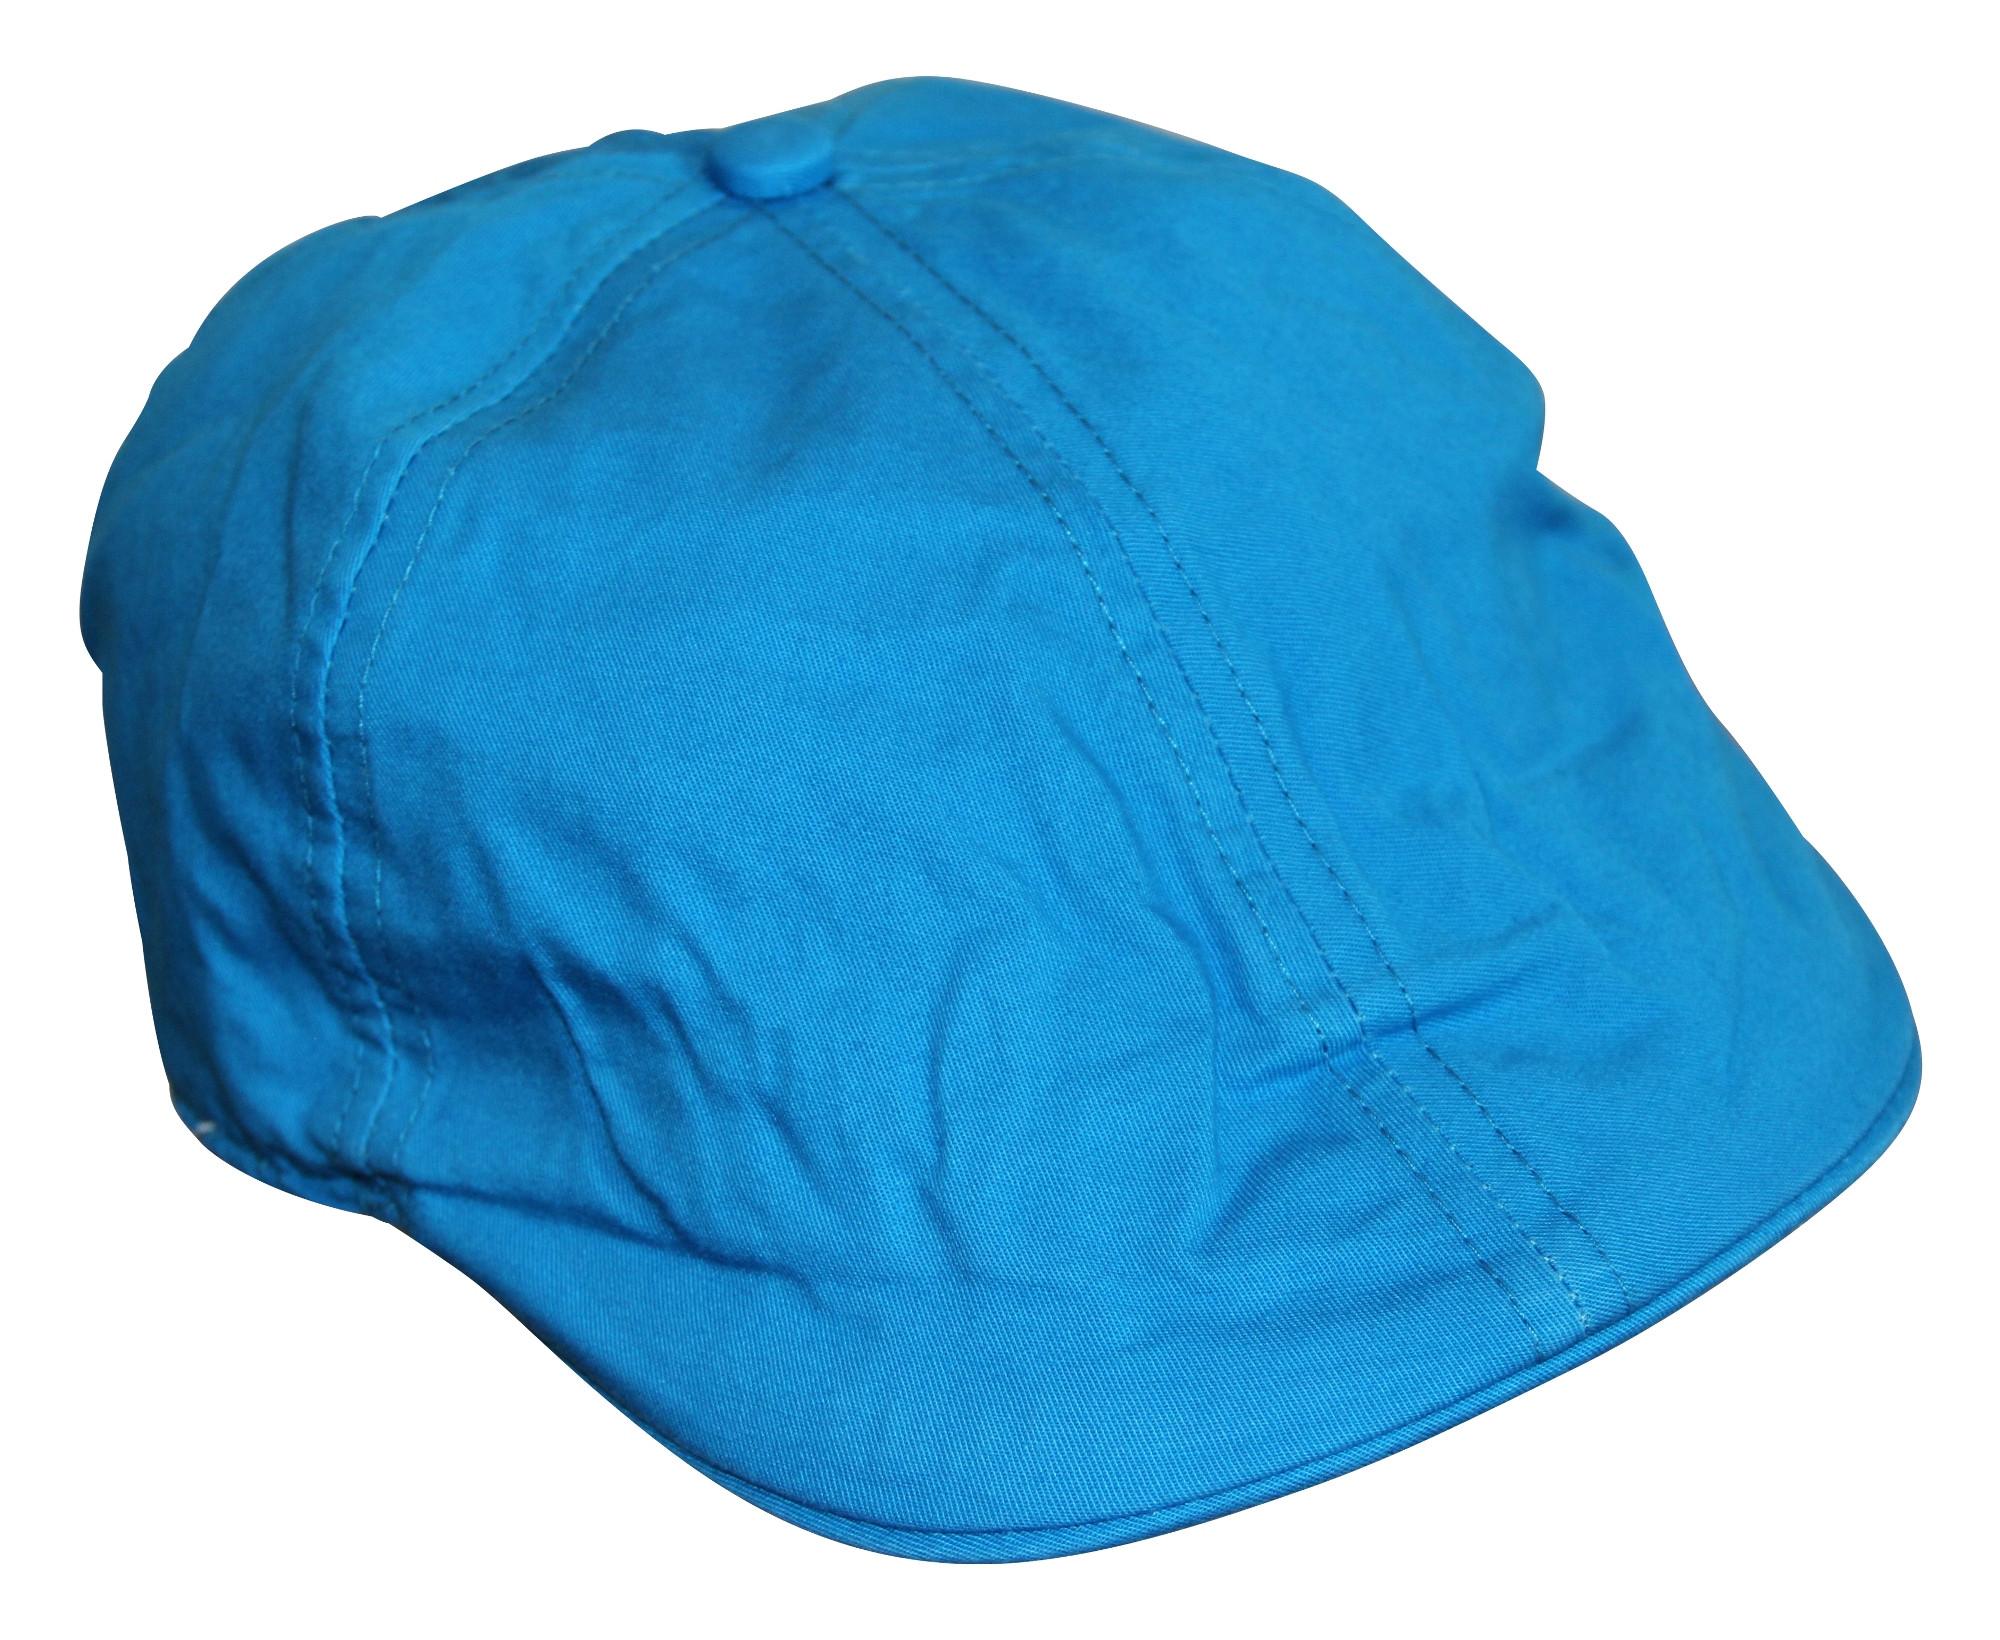 Coole Flatcap für Jungen Baby türkis blau Cap Mütze Hut 100% Baumwolle